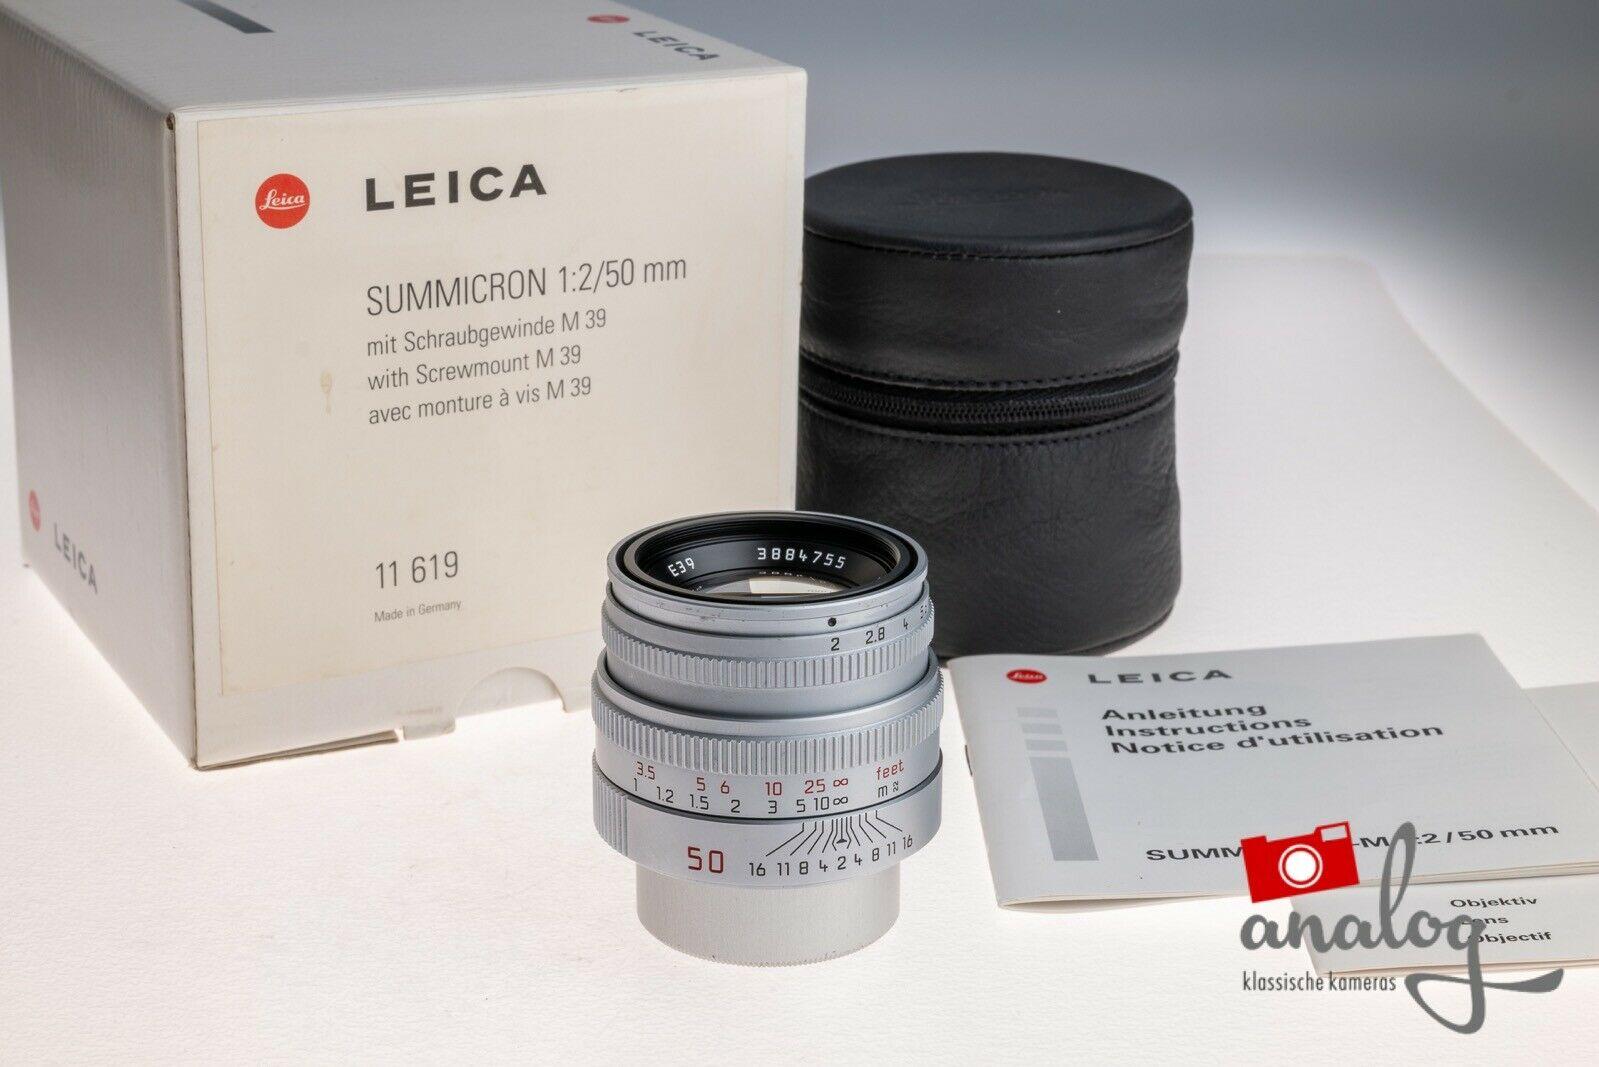 Leica Summicron 50mm 2.0 M39 - 11619